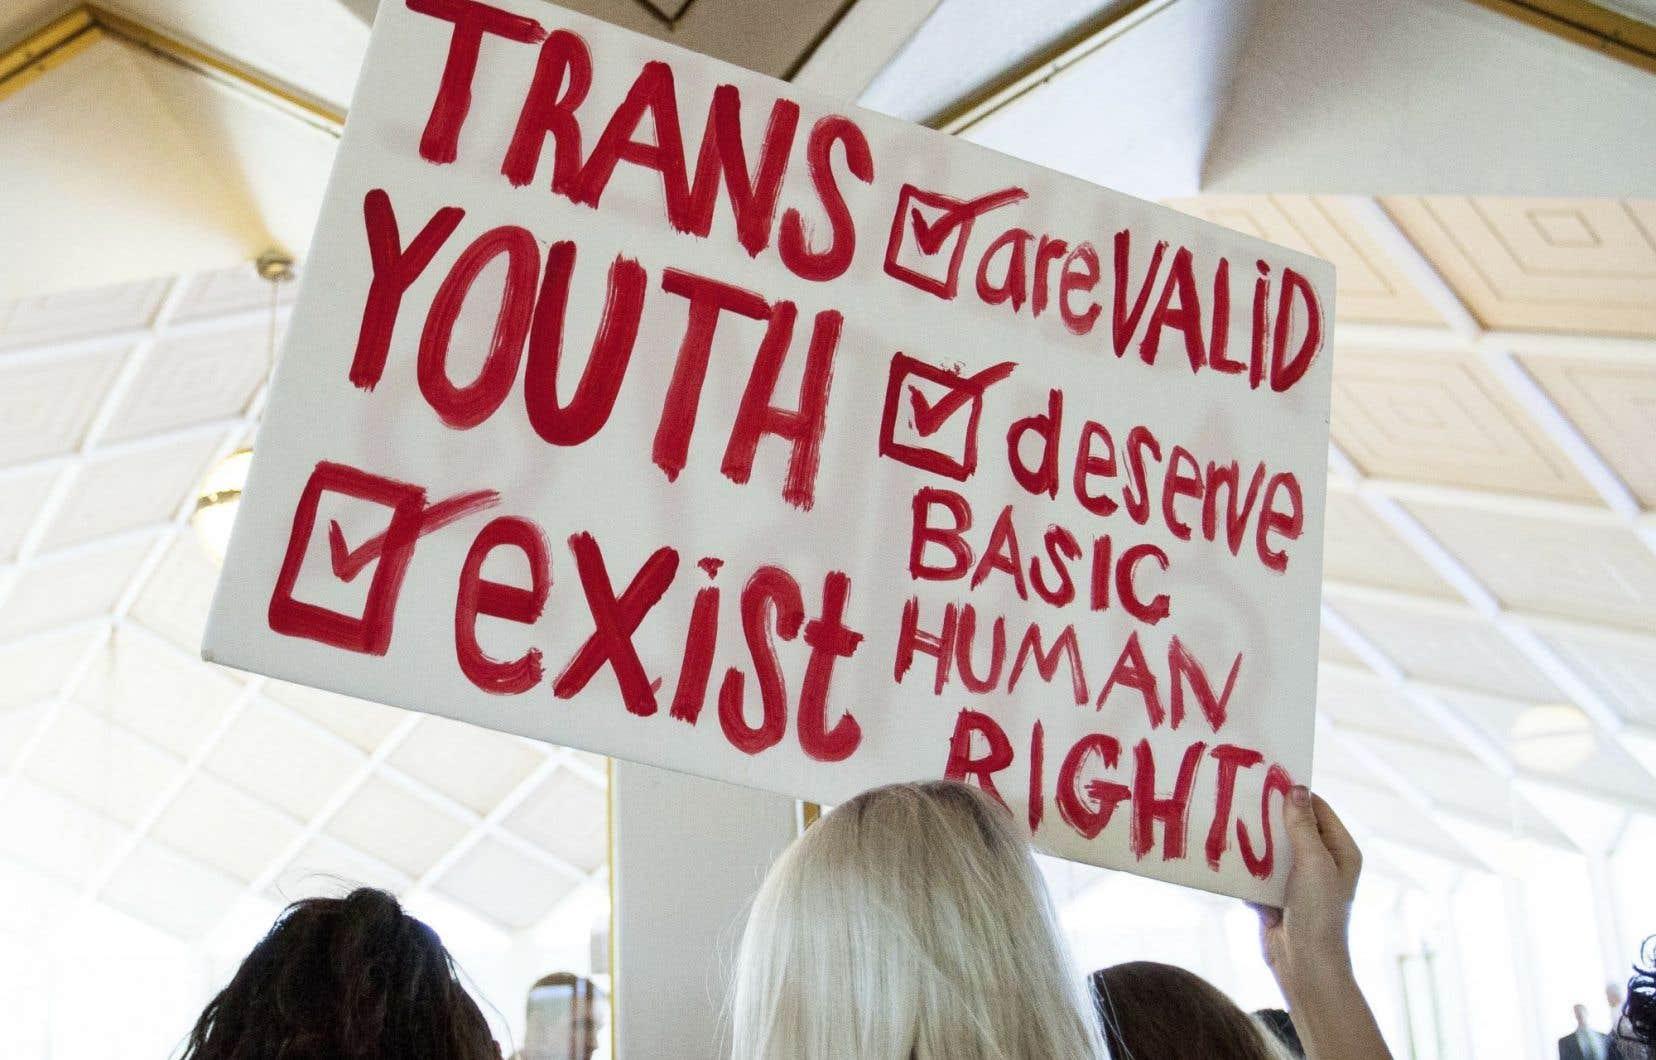 Des manifestants se sont rassemblésdevant l'Assemblée générale à Raleigh, mercredi, pour faire valoir les droits des personnes transgenres.